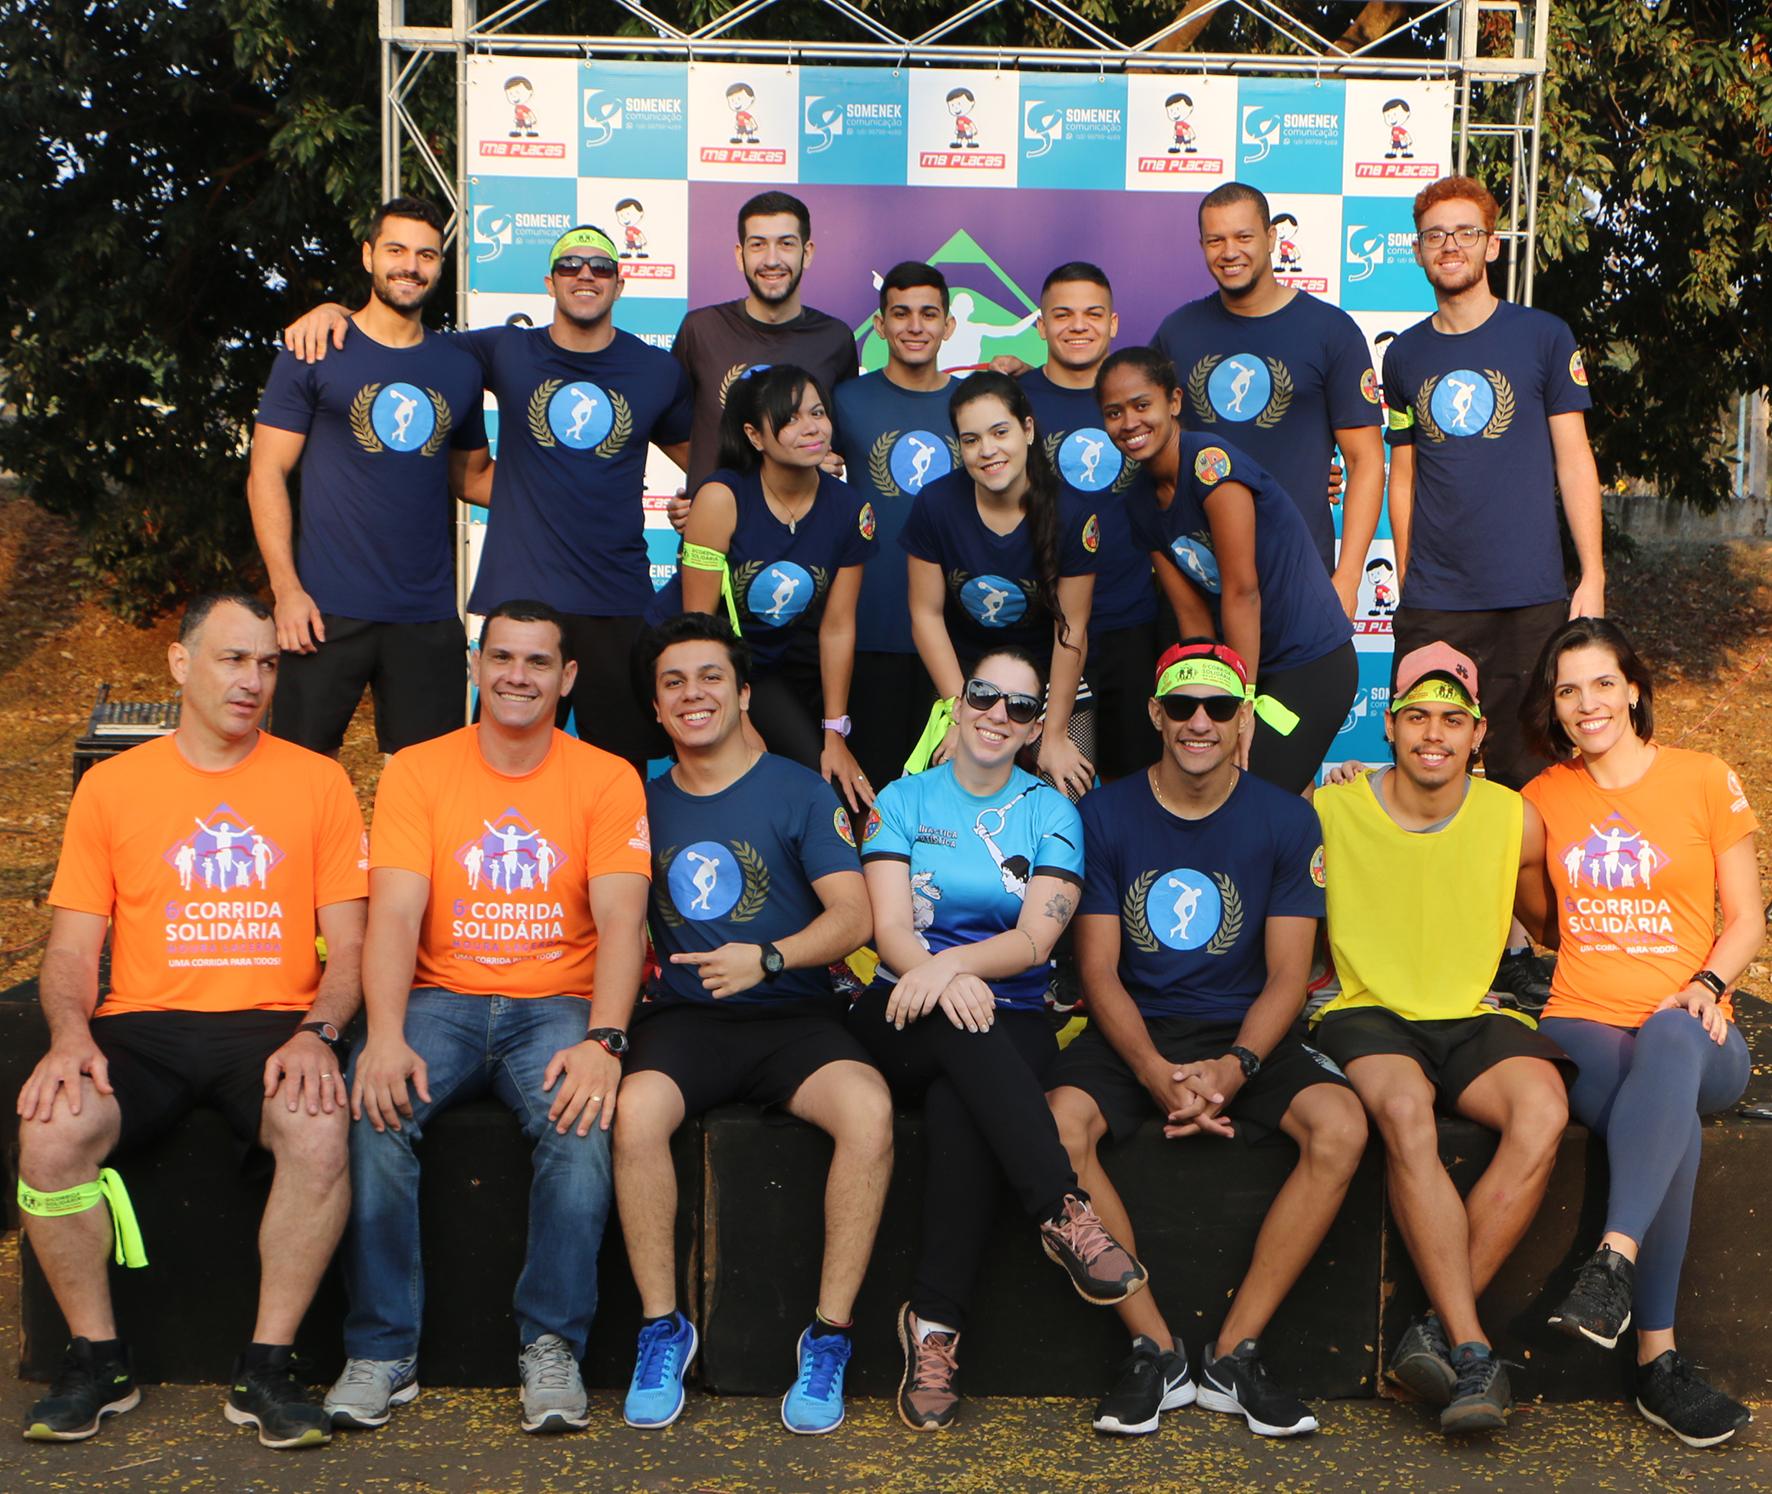 6ª Corrida Solidária reúne 600 atletas e arrecada mais de 3.000 kg de arroz